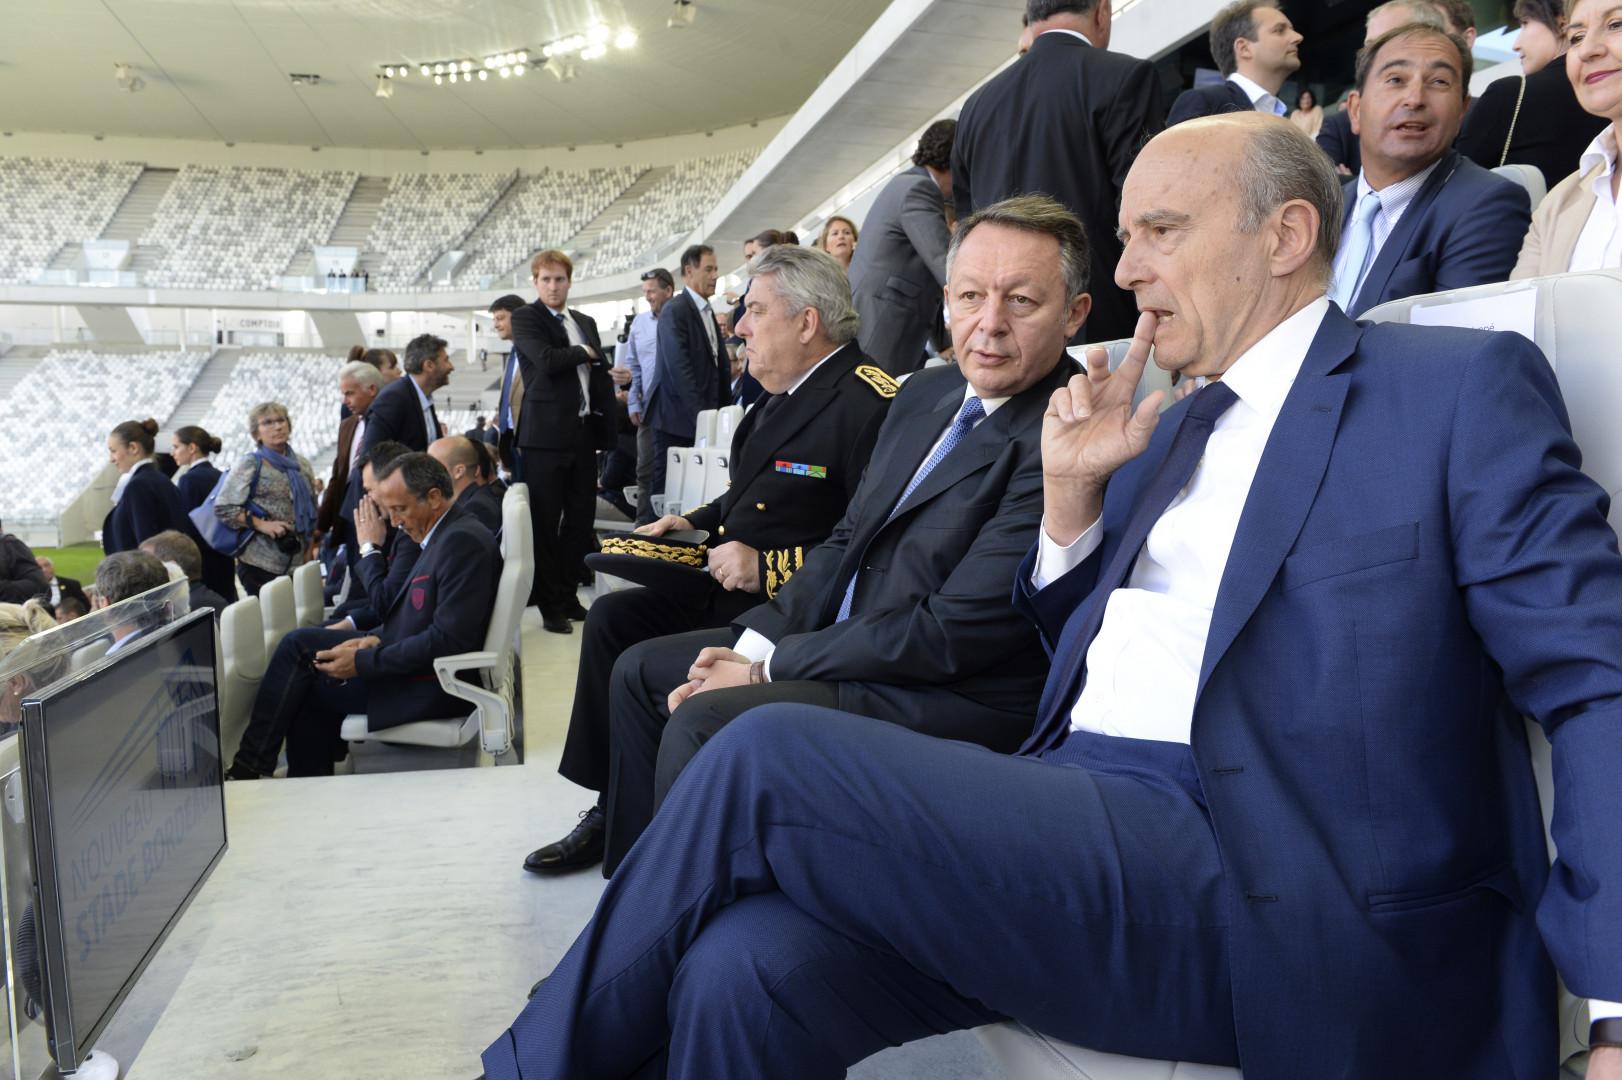 Le maire de Bordeaux Alain Juppé aux côtés du ministre des Sports Thierry Braillard le 18 mai 2015